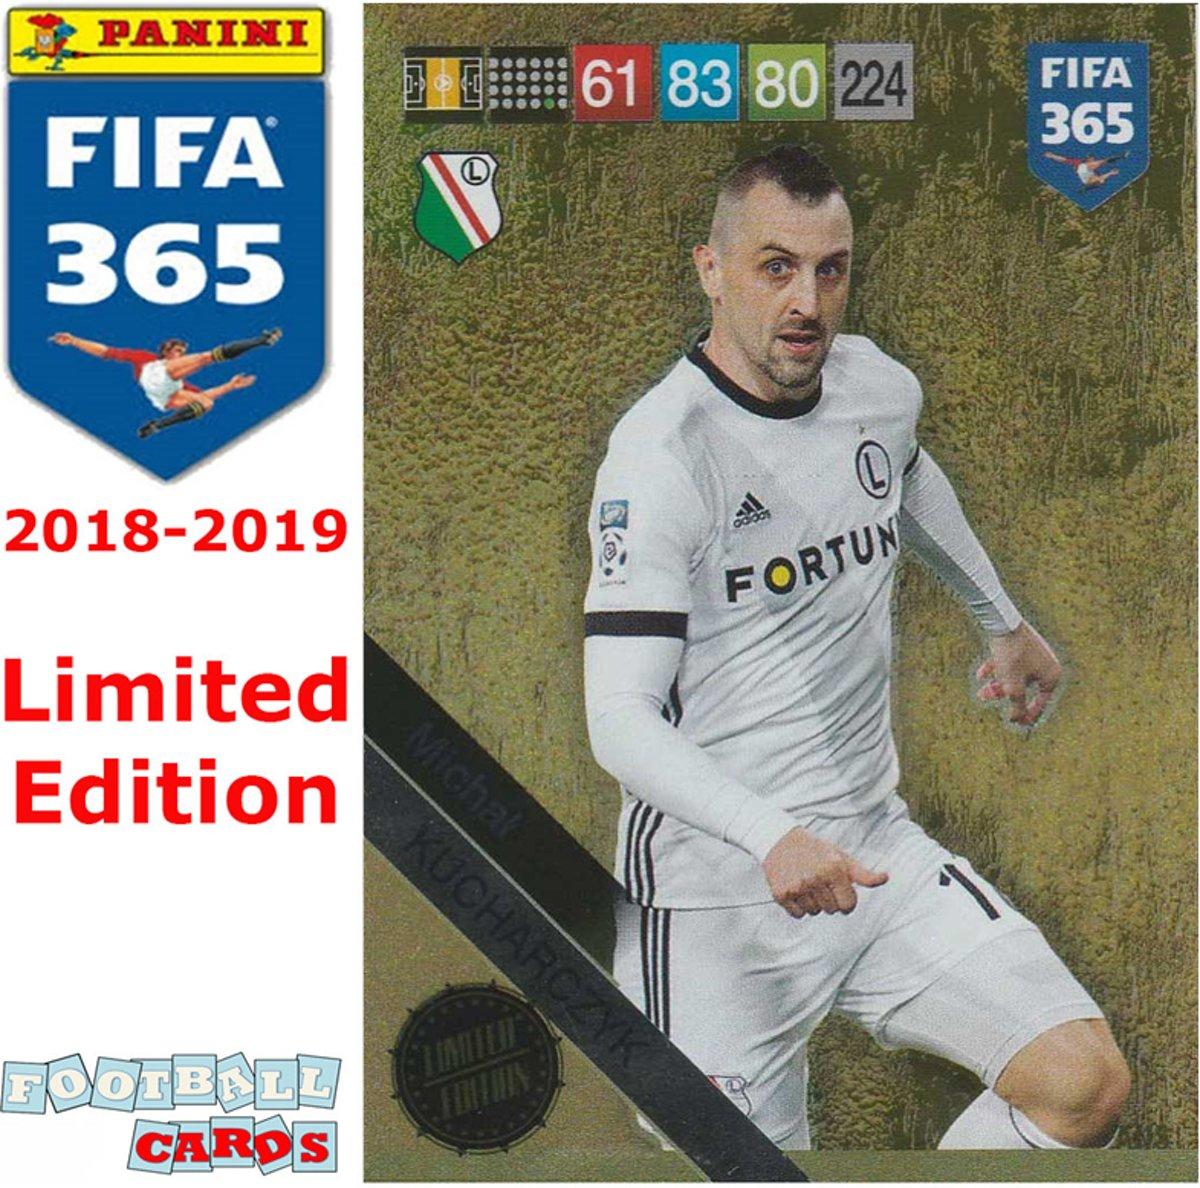 PANINI ADRENALYN XL FIFA 365 2019 Kucharczyk-Limited Edition